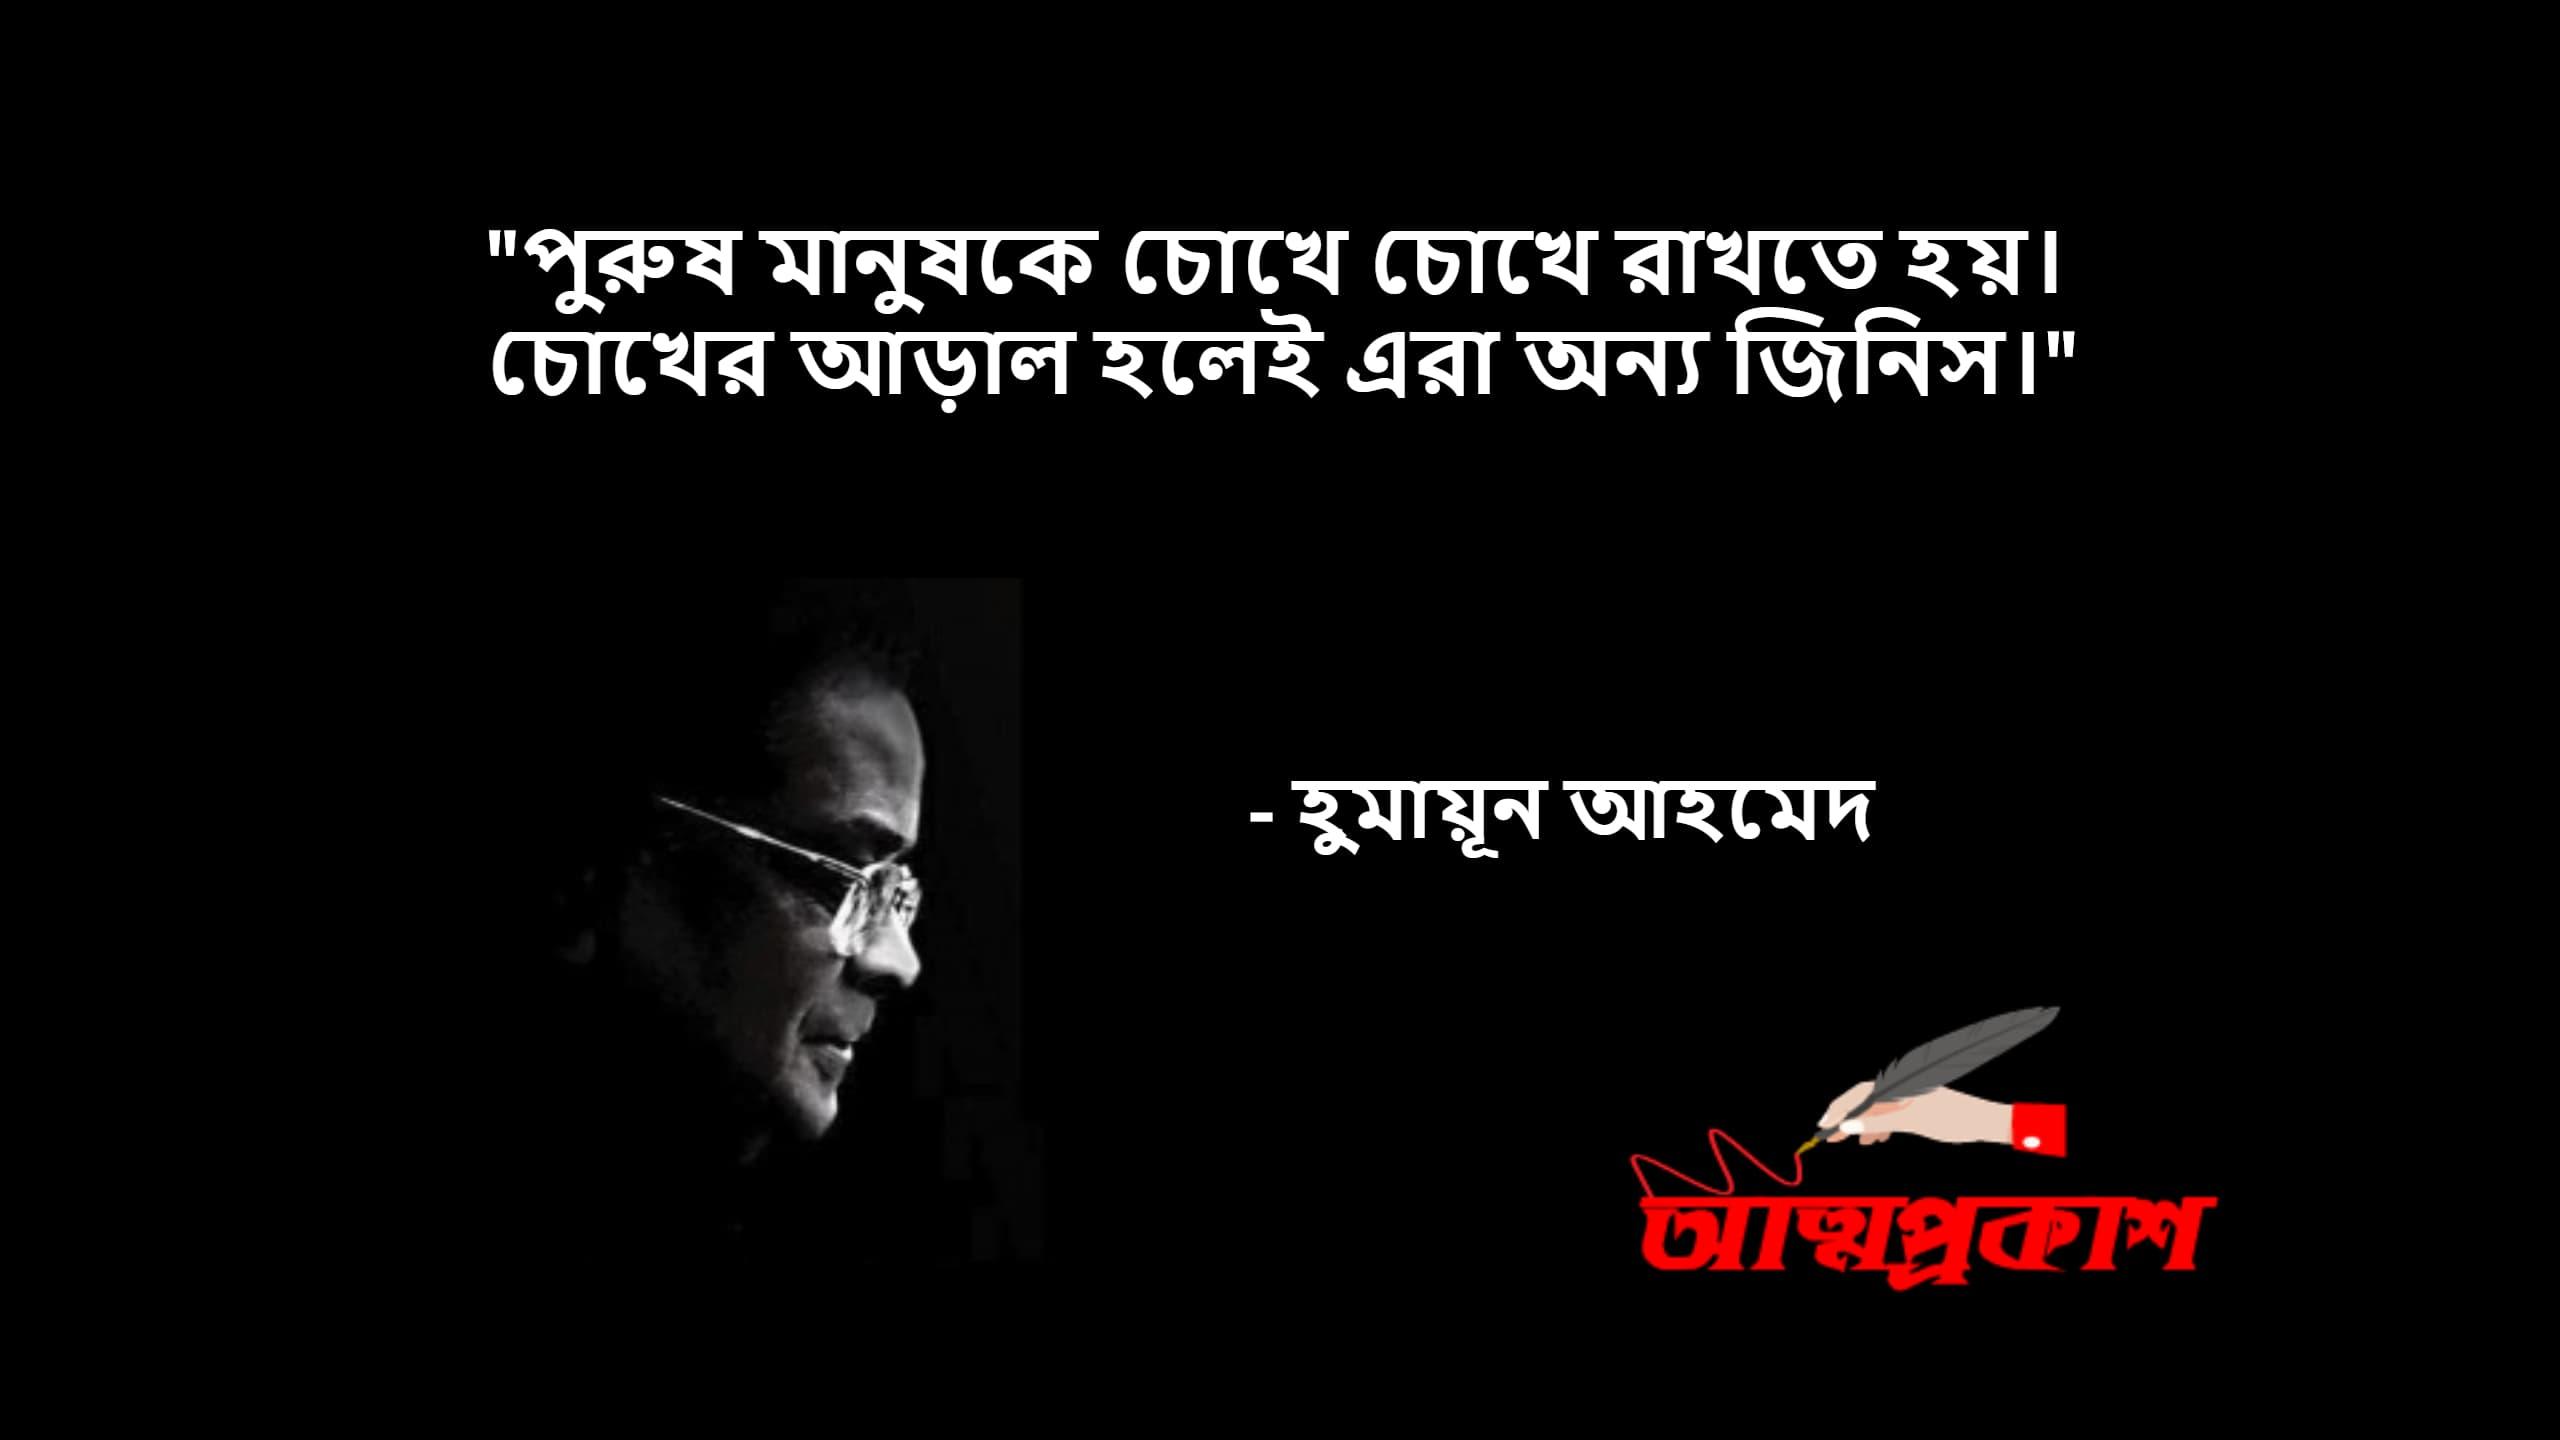 জীবন-দর্শন-নিয়ে-হুমায়ূন-আহমেদের-উক্তি-humayun-ahmed-quotes-about-life2-bangla-bani